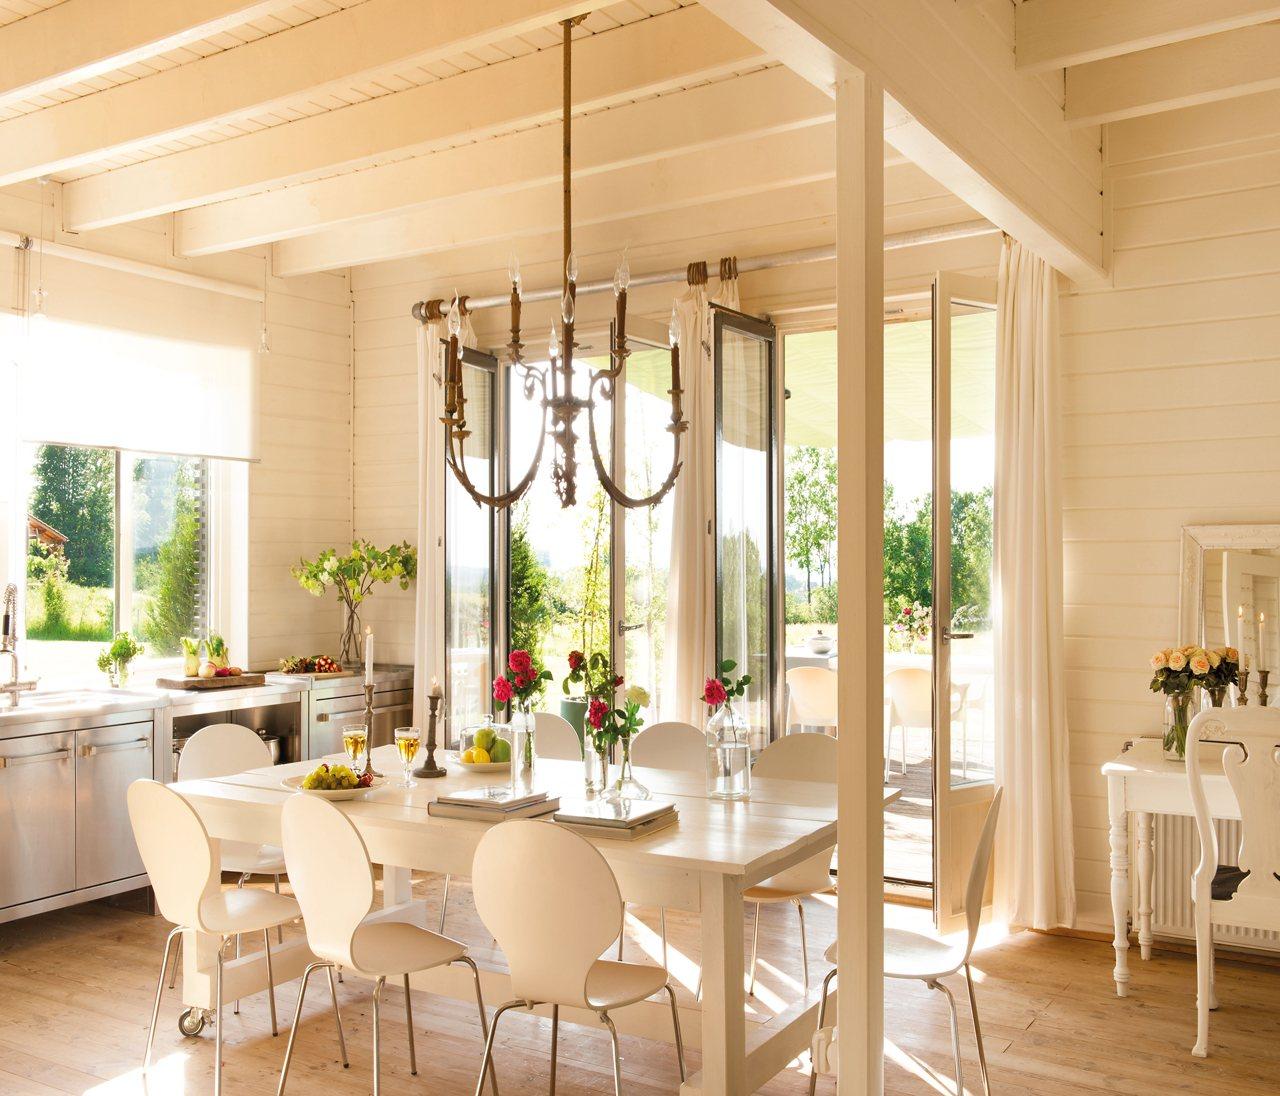 Una casa de madera decorada con mucho estilo - Casas con estilo ...